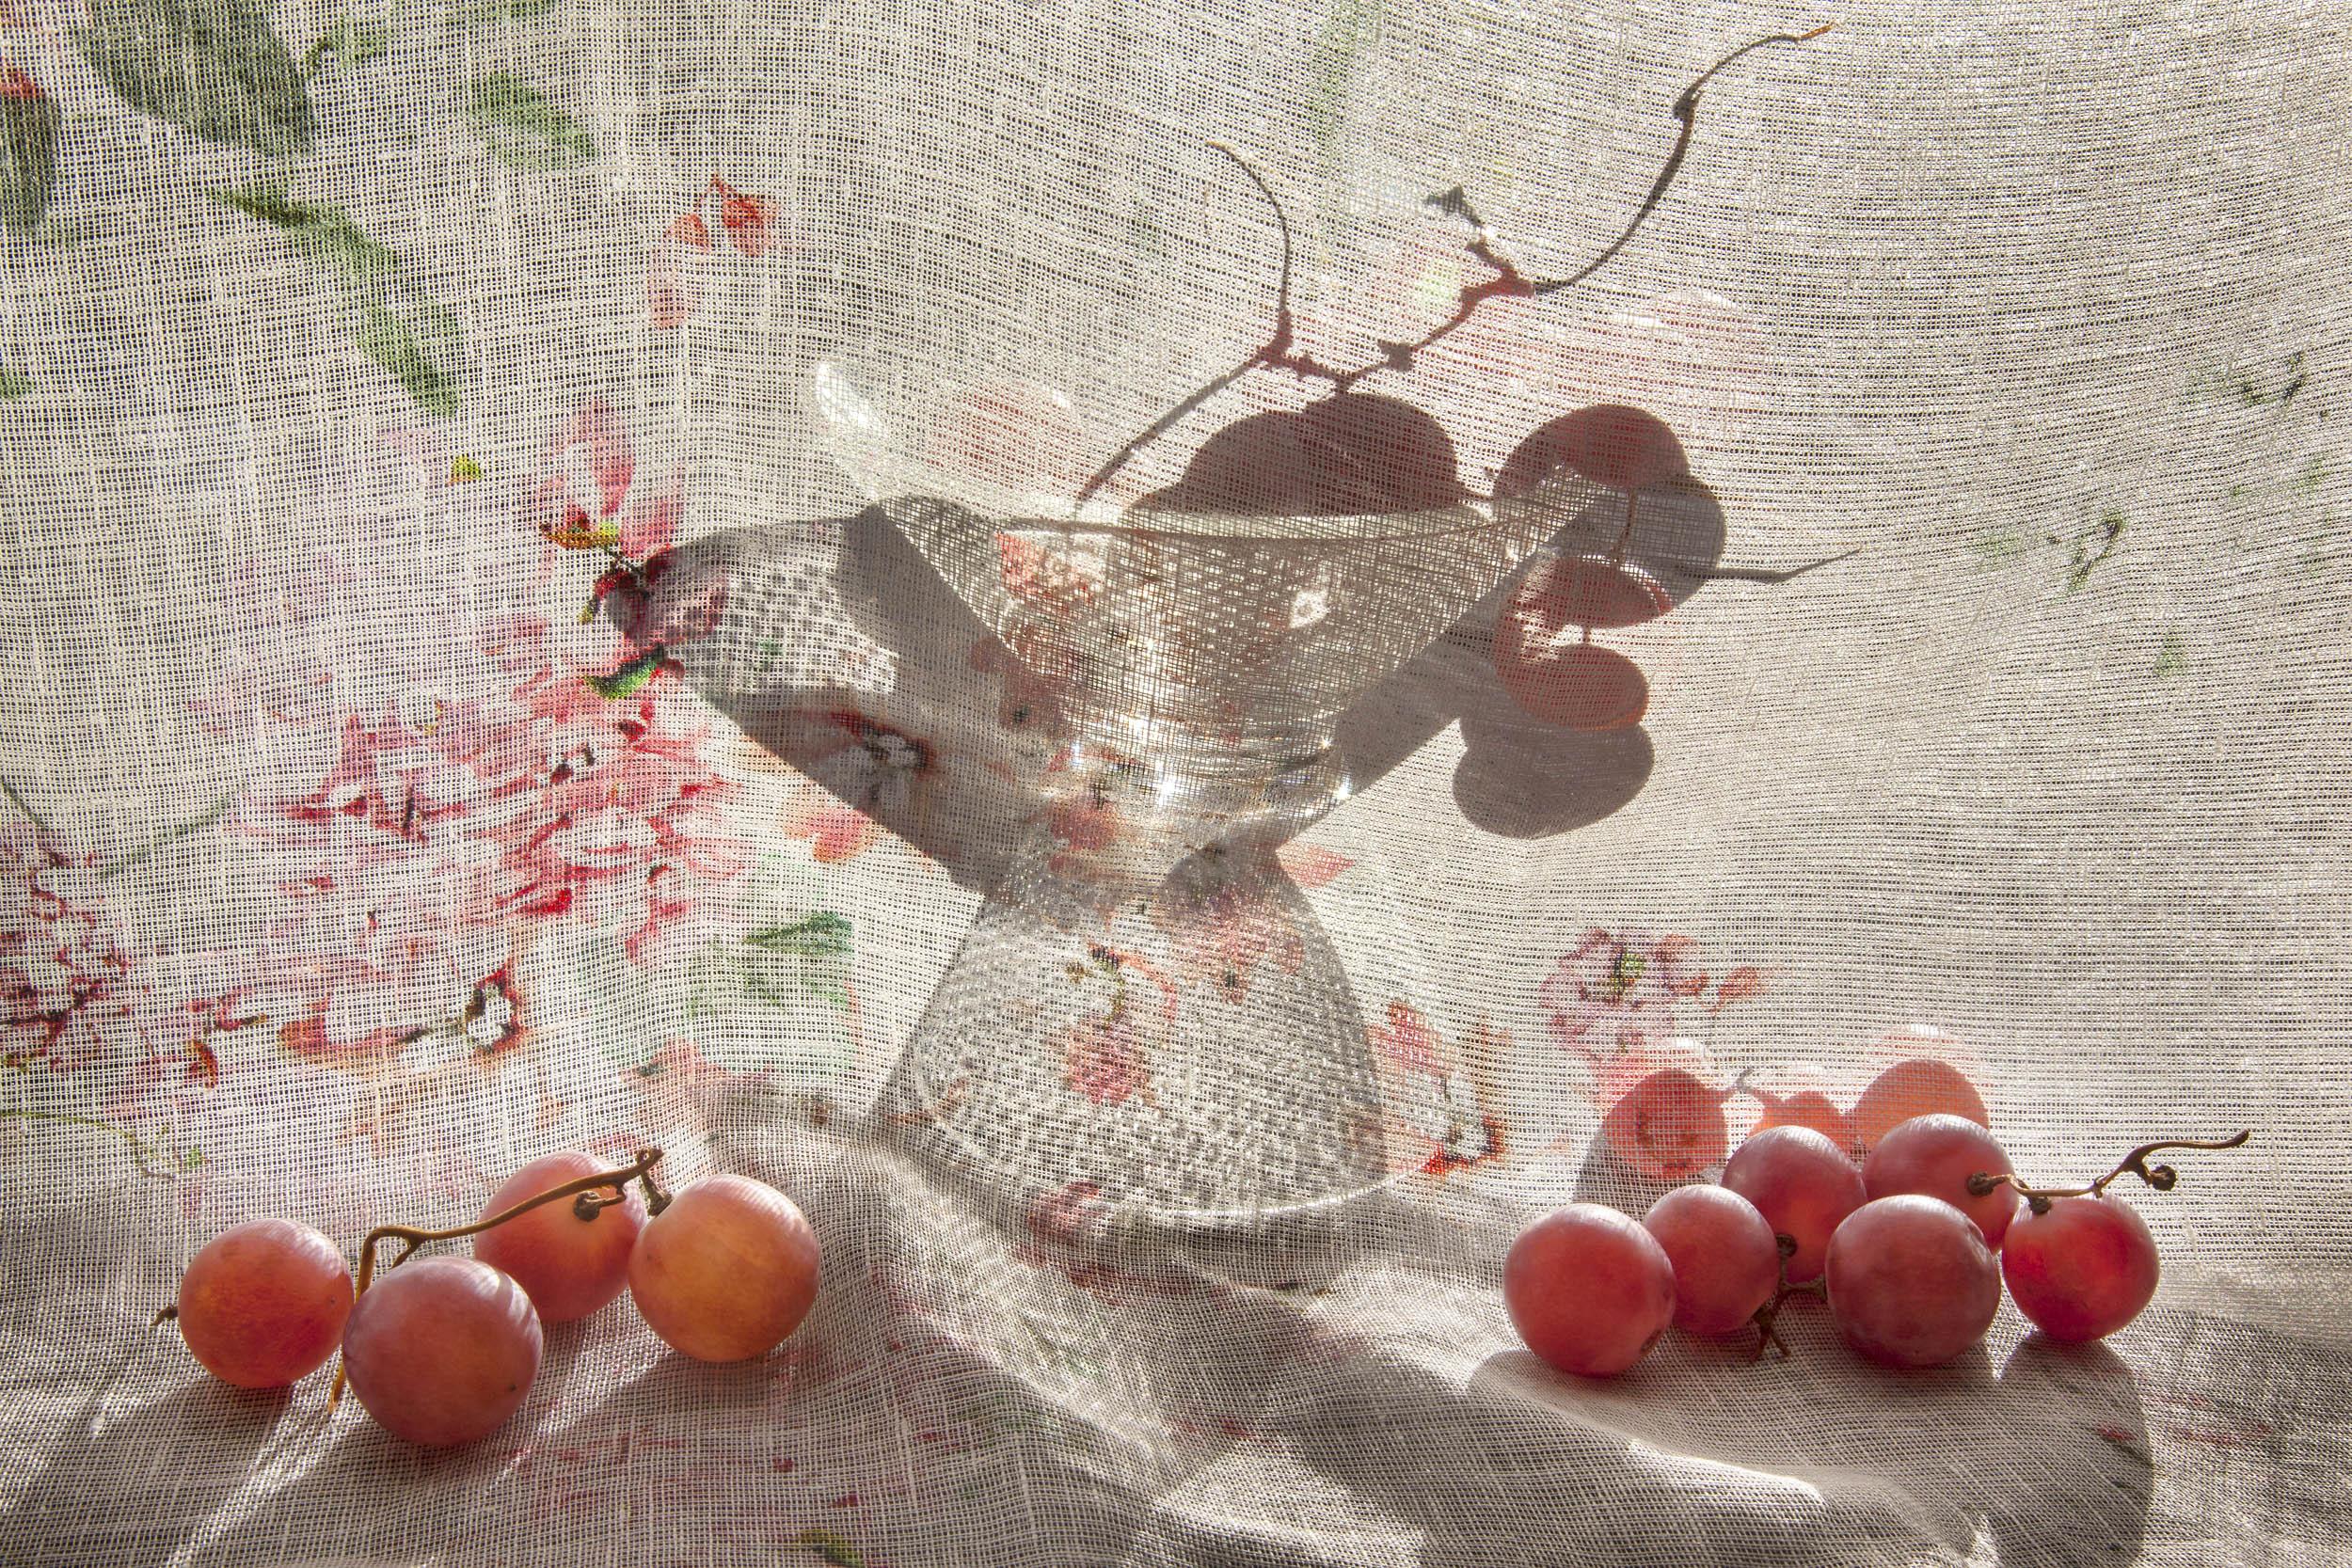 Grapes and Bowl